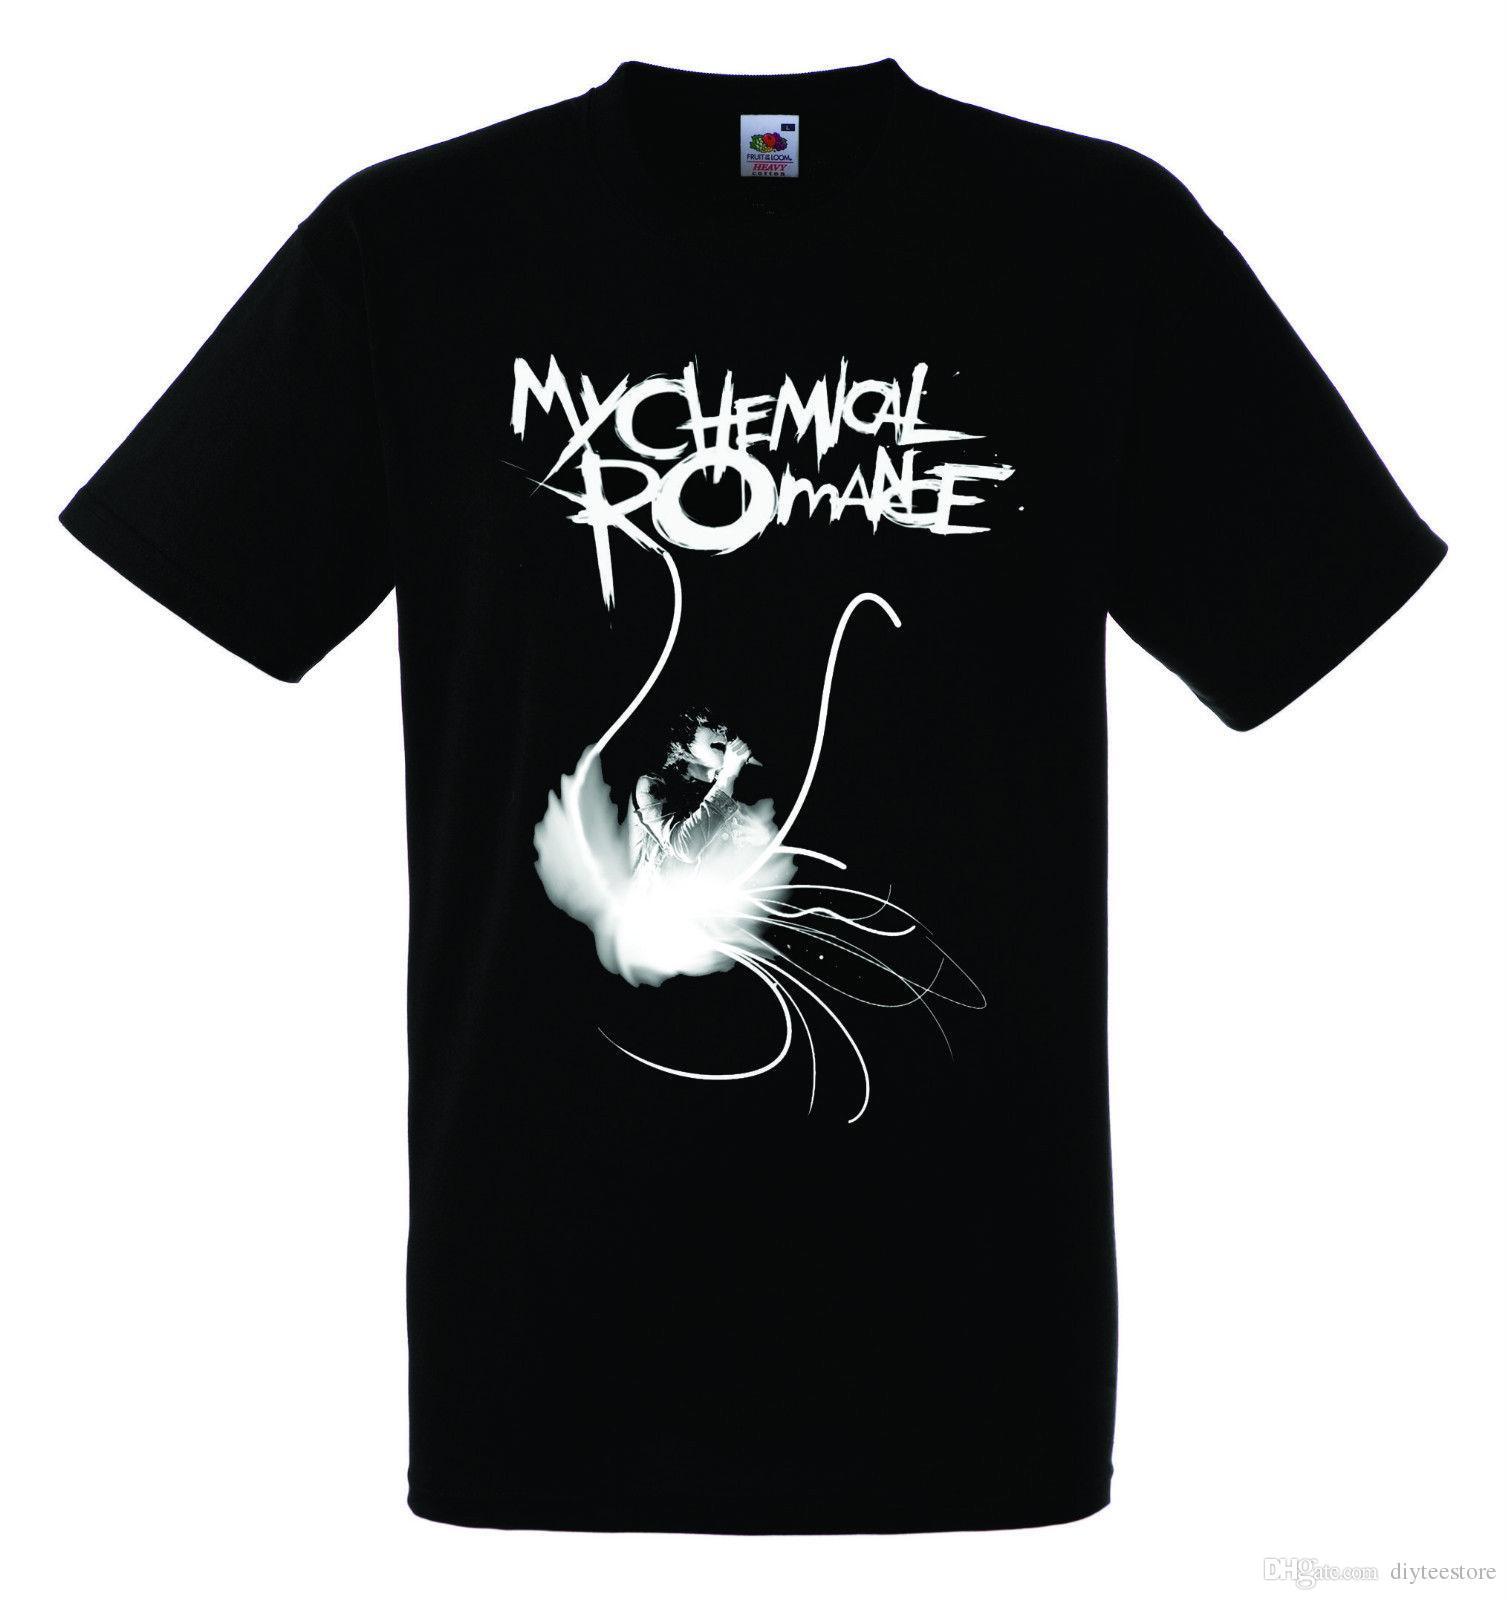 9f01d2de0ce My Chemical Romance Logo Black New T Shirt Rock T Shirt Rock Band Shirt  Shirt Men Leisure Short Sleeve Crewneck Cotton Plus Size Couple T Sh Shirt  Site ...